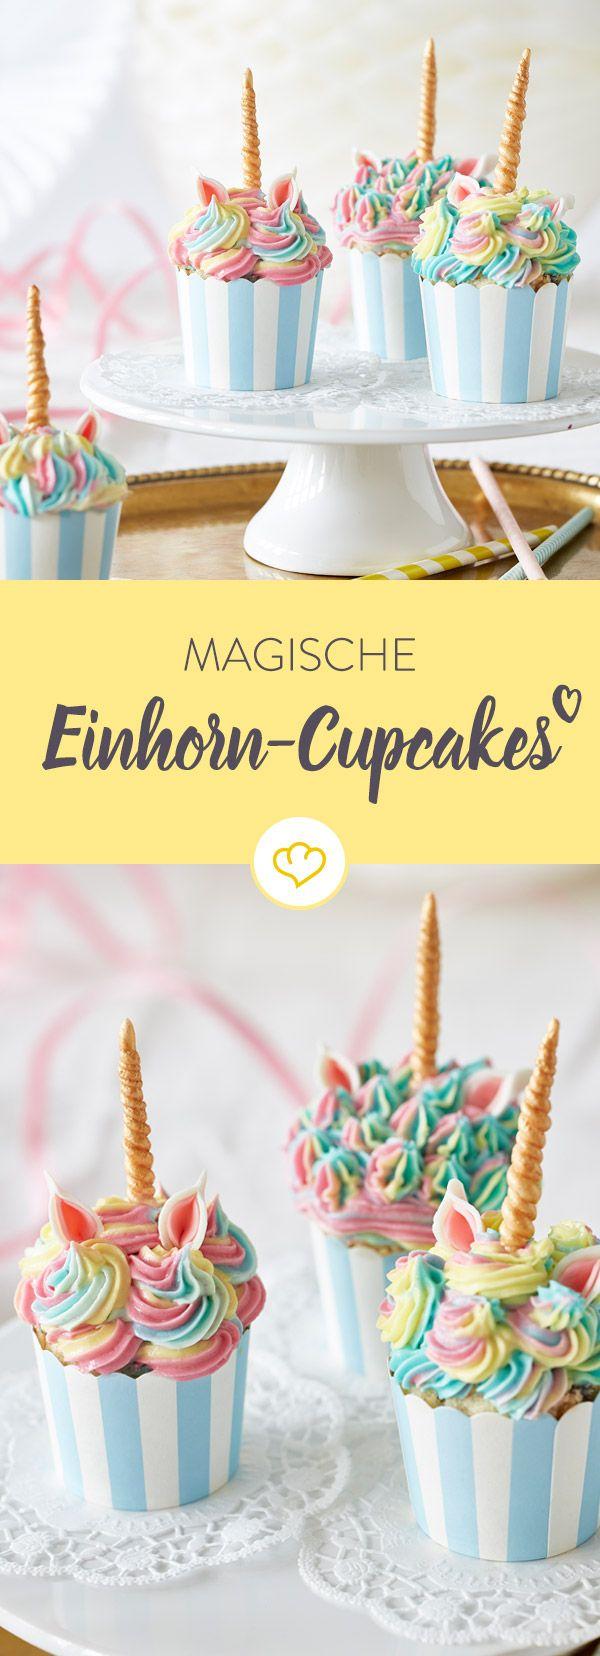 Aufgepasst: Diese kleinen Einhorn-Cupcakes laufen Gefahr, dem Geburtstagskind die Show zu stehlen! Fast zu schön, um reinzubeißen...